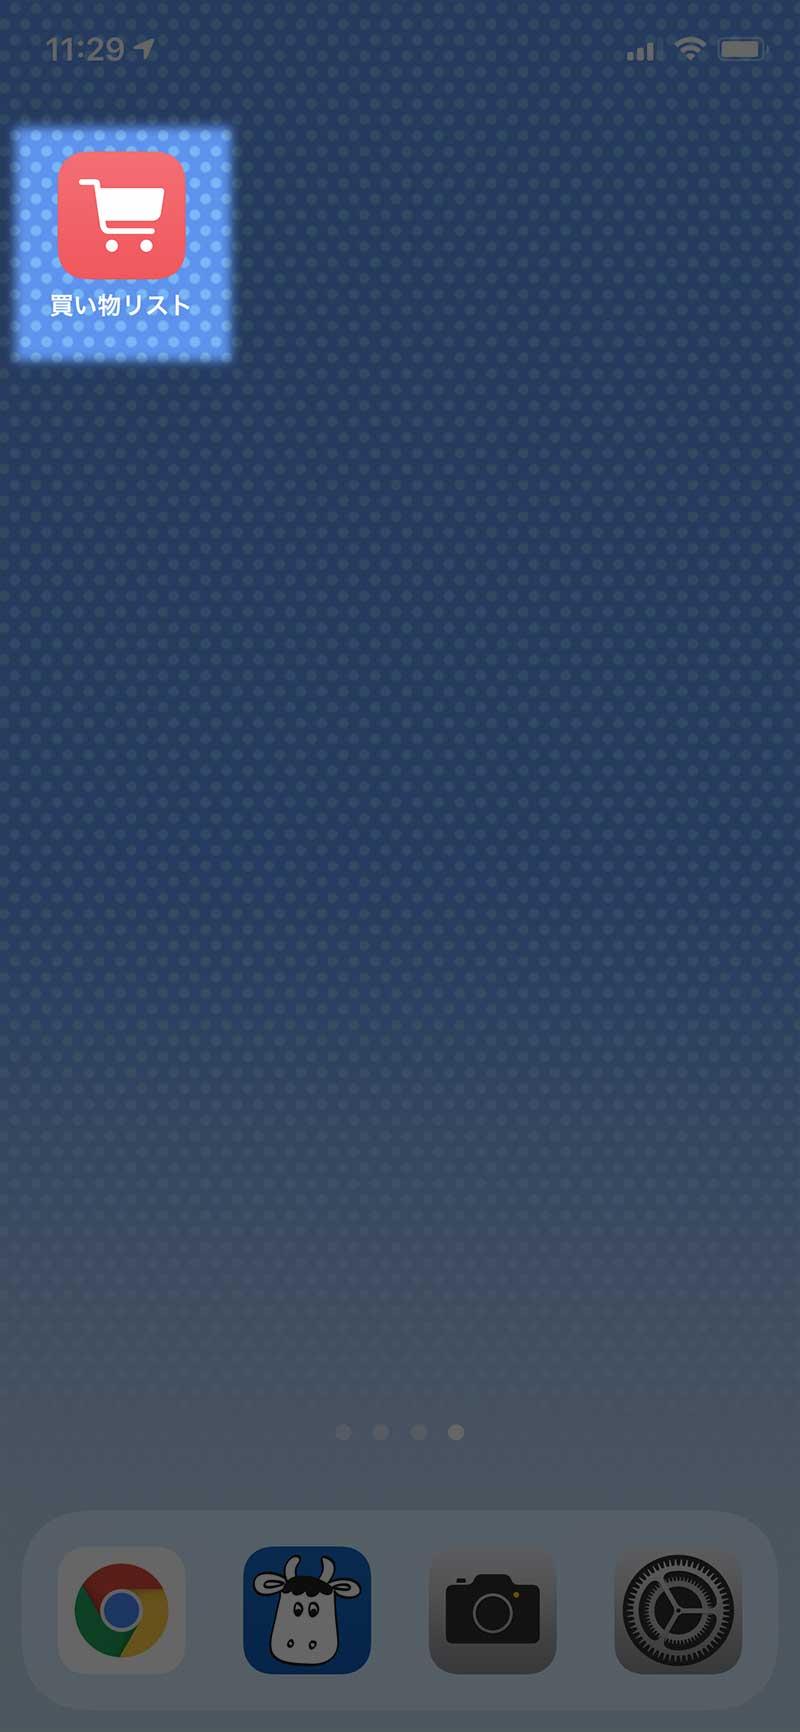 iPhoneのホーム画面に「ショッピングリスト」のアイコンが完成